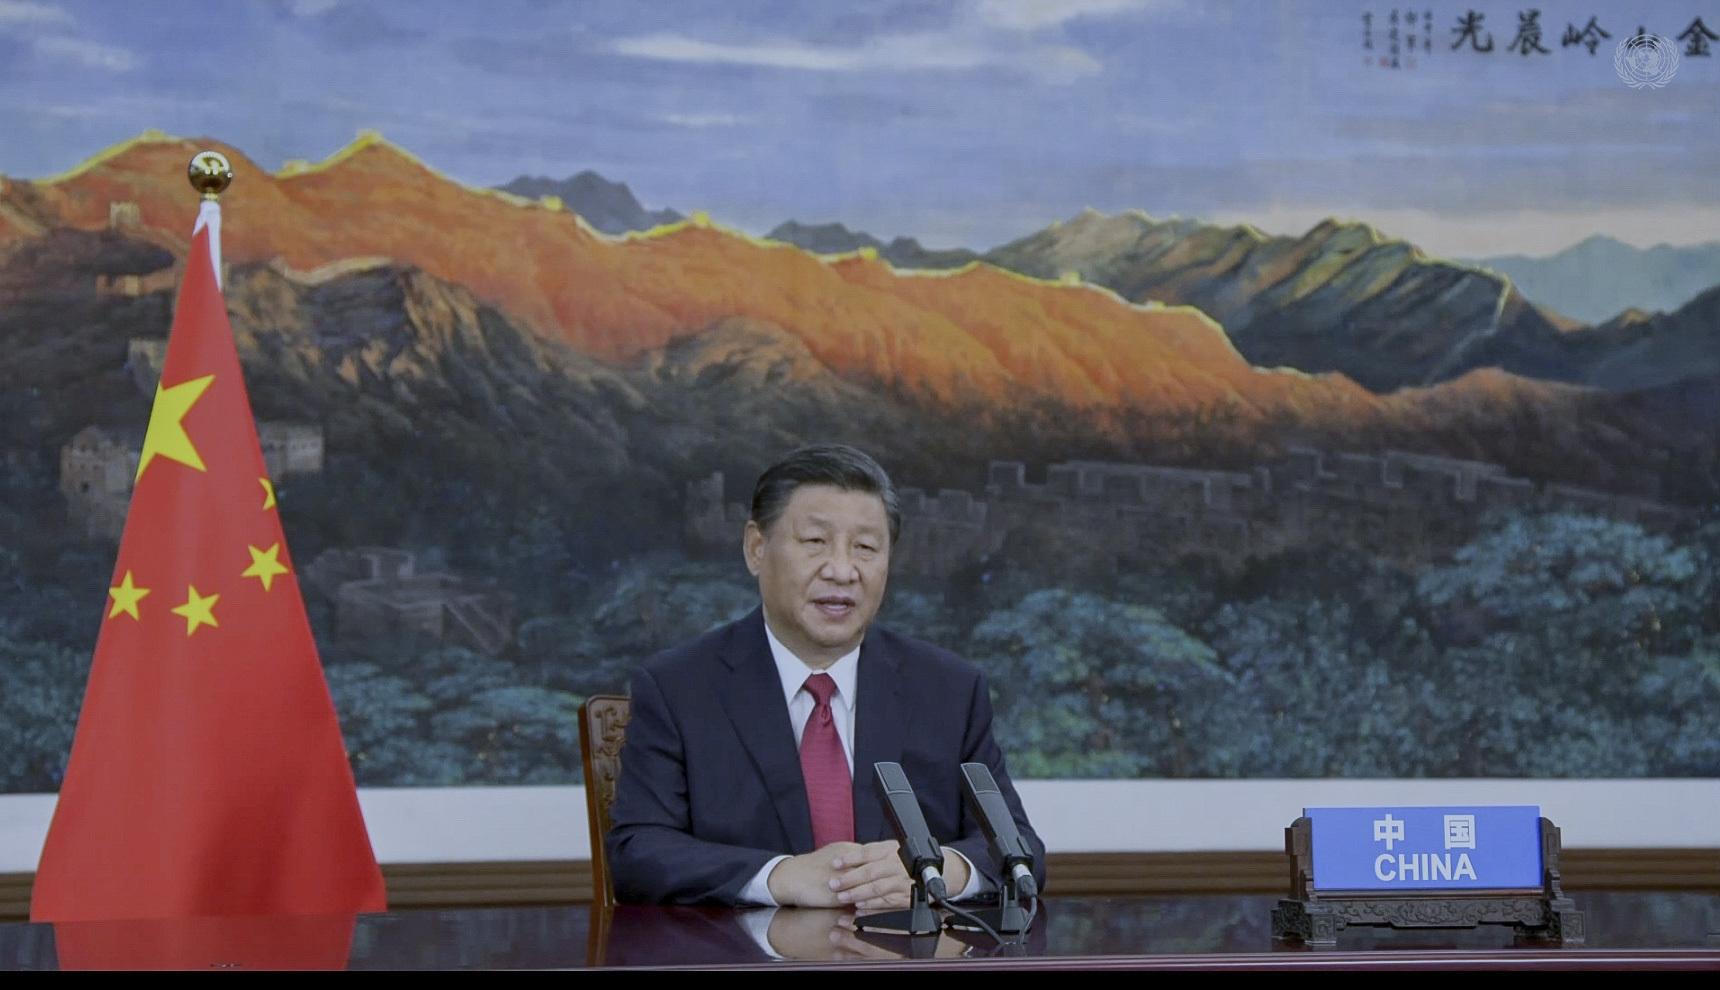 الرئيس الصيني، شي جين بينغ، في خطاب وجهه عبر الفيديو خلال جلسة المناقشات السياسية العامة للدورة الـ76 للجمعية العامة للأمم المتحدة.